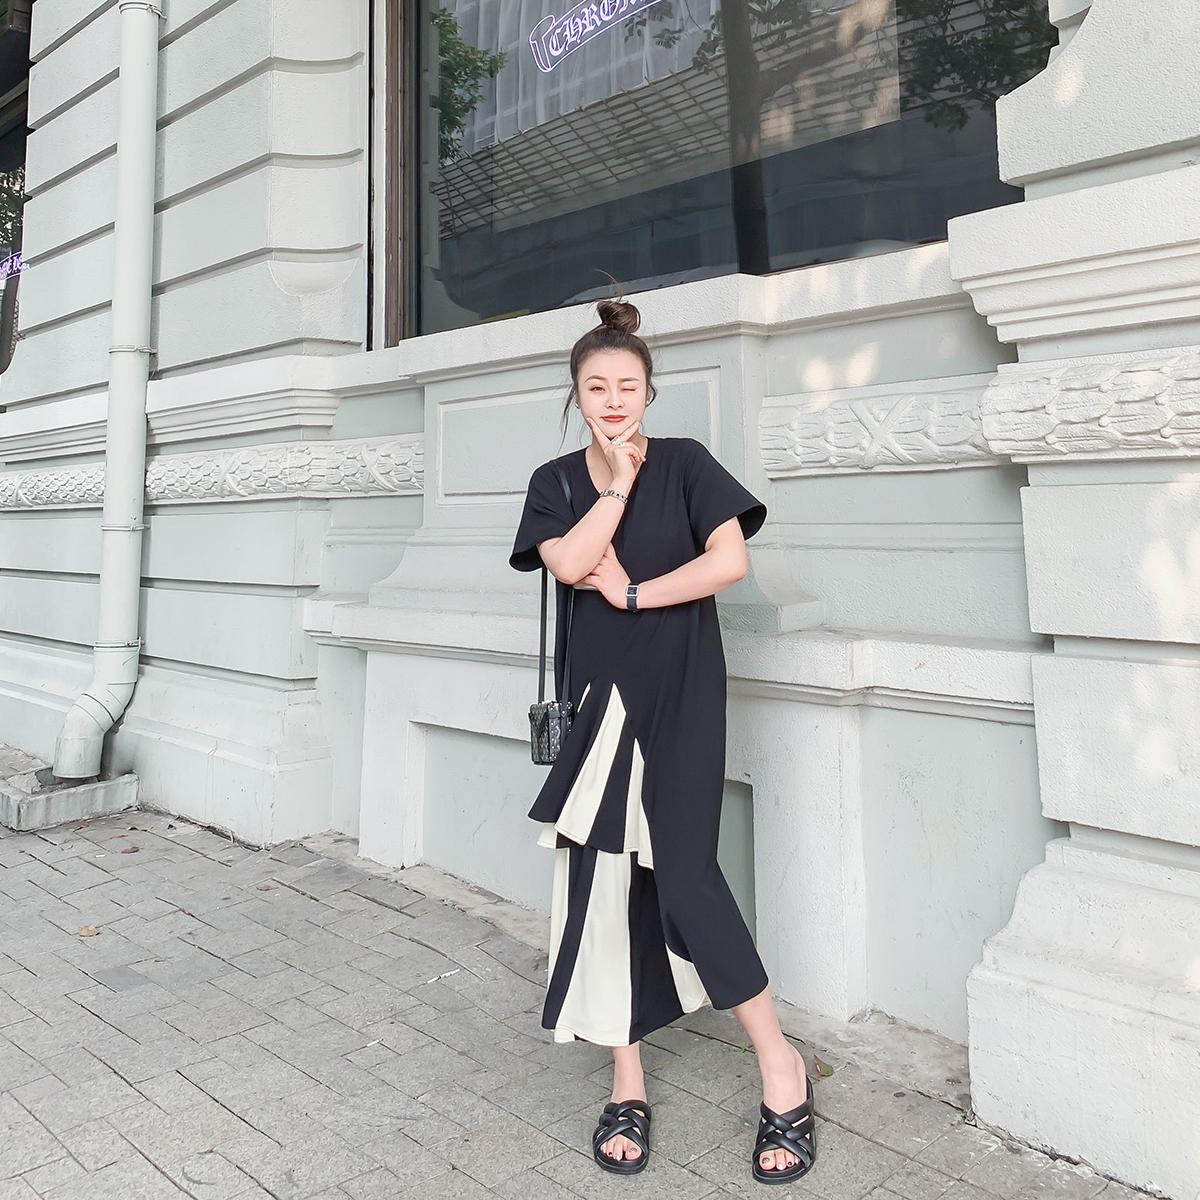 179.00元包邮晶咕家连衣裙2019新款夏季宽松气质女神范长裙时尚设计感裙子显瘦